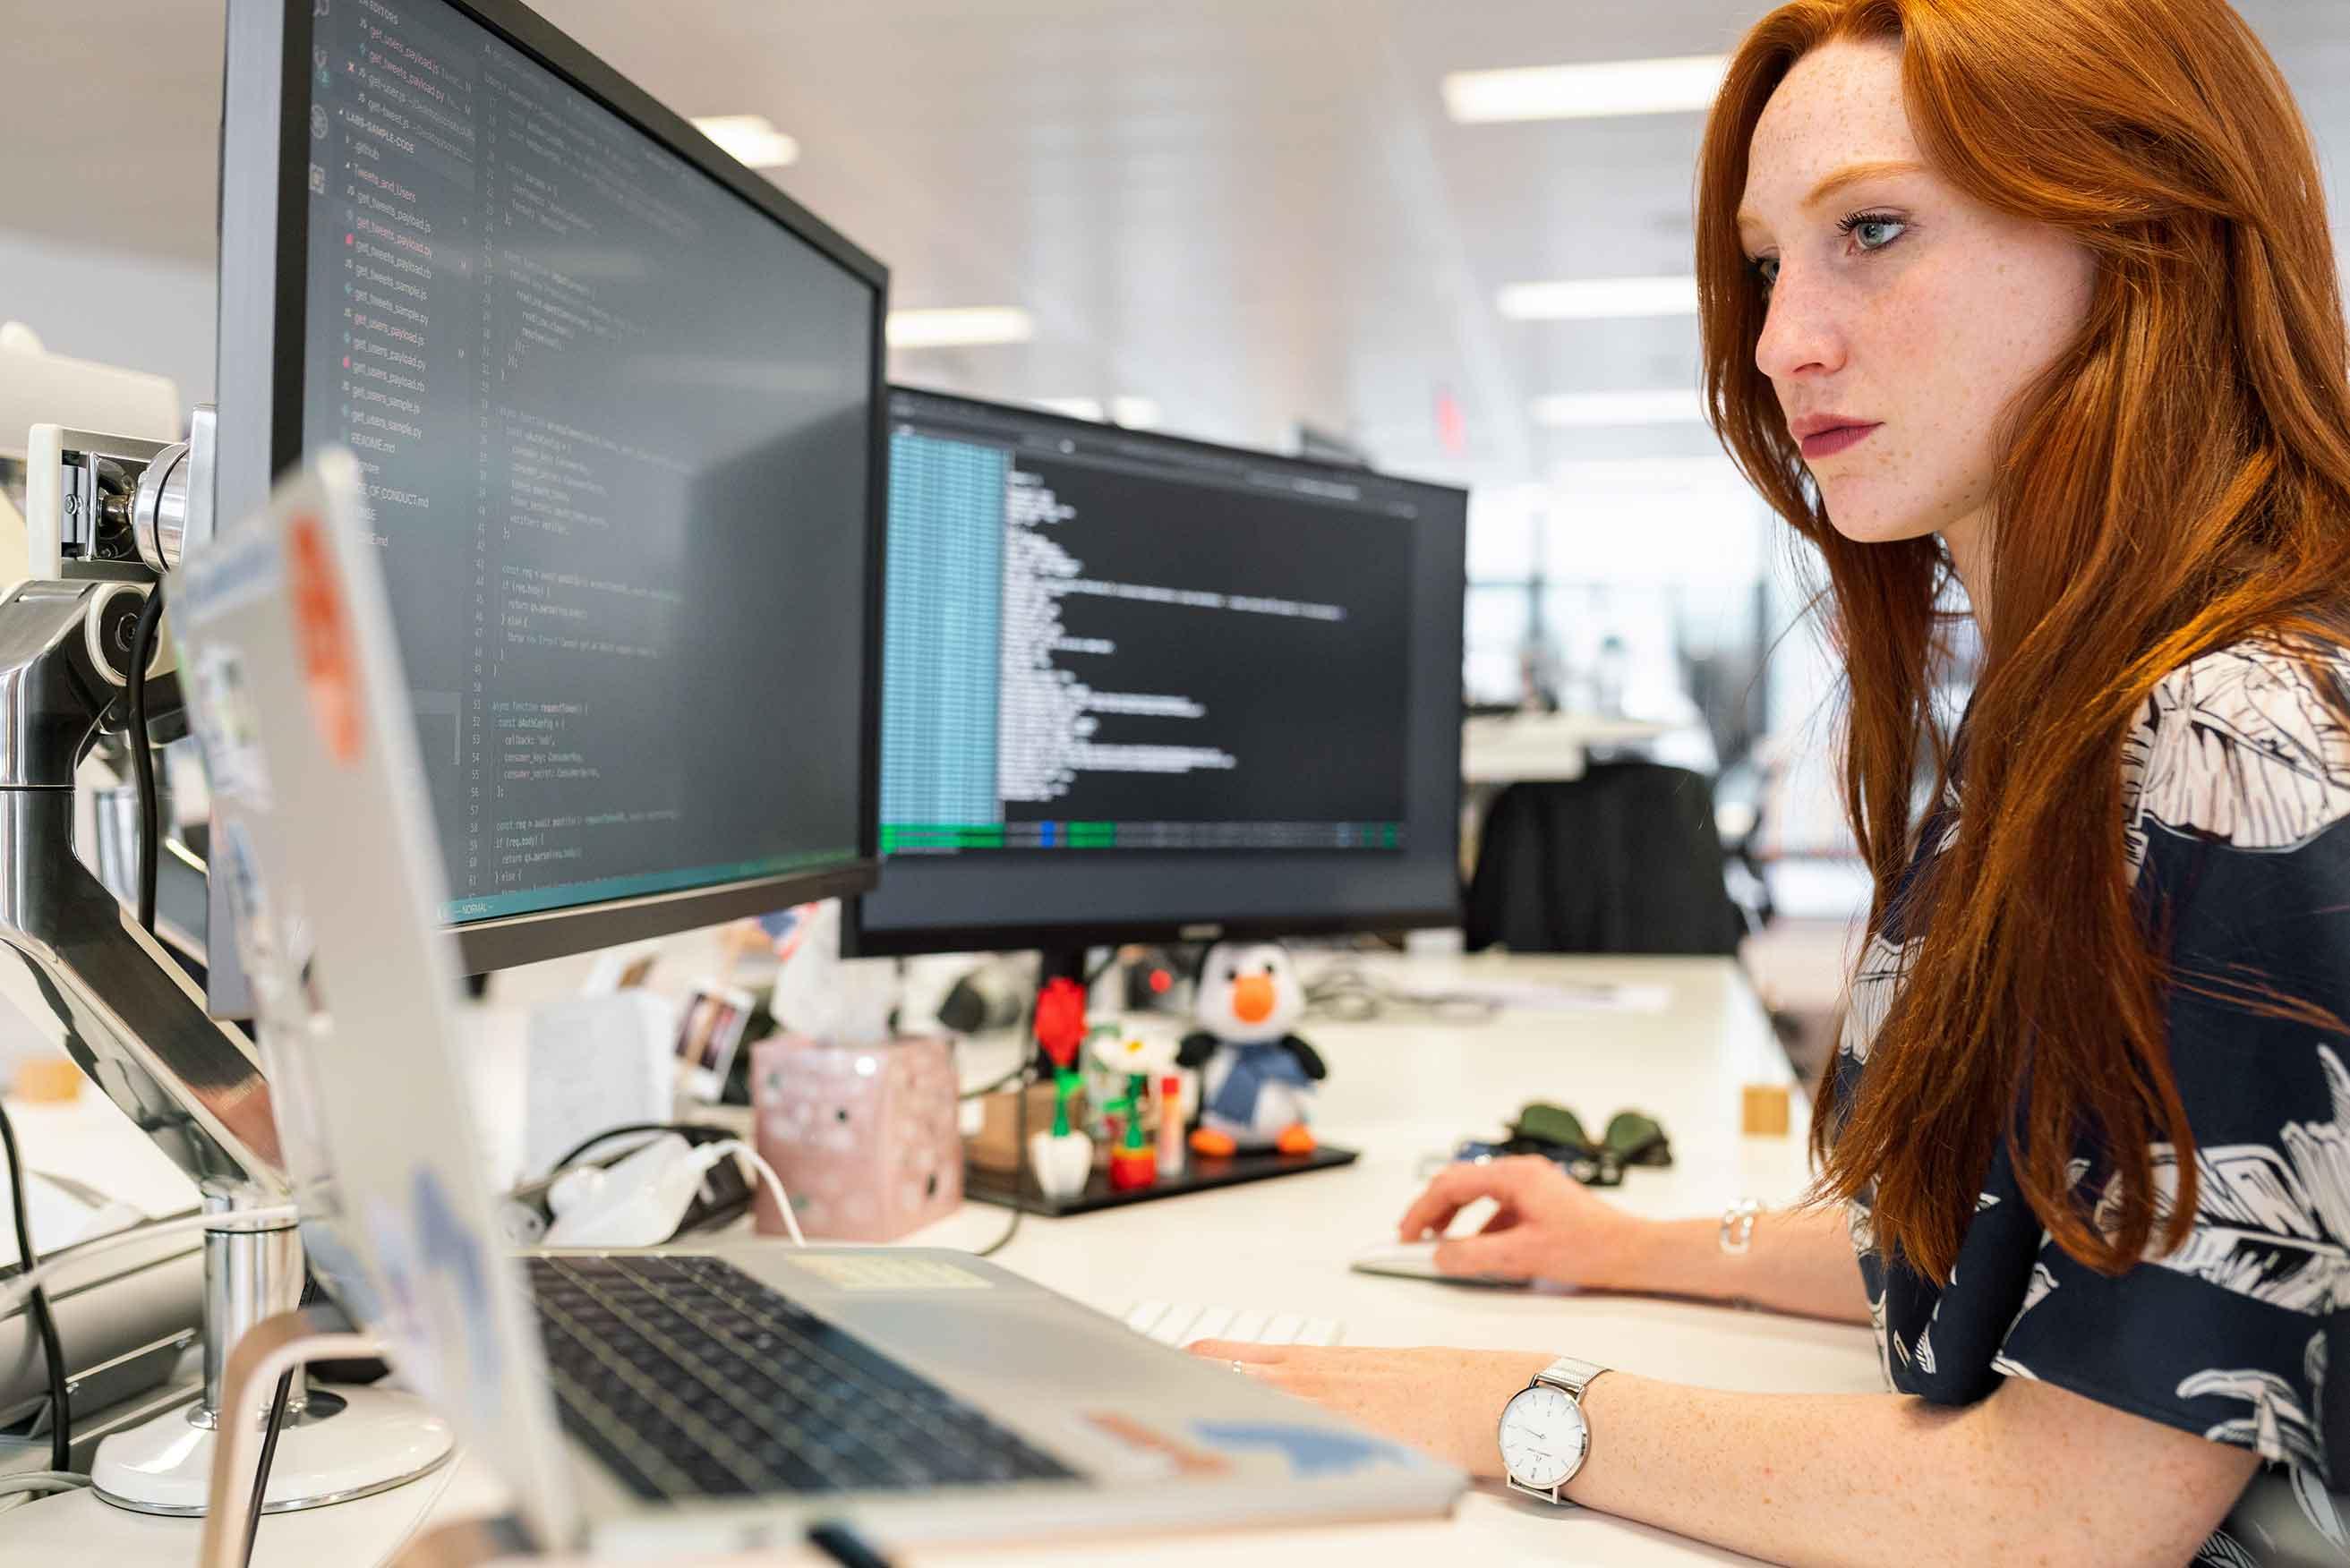 qué son los softwares de control horario, cuáles son sus ventajas e inconvenientes